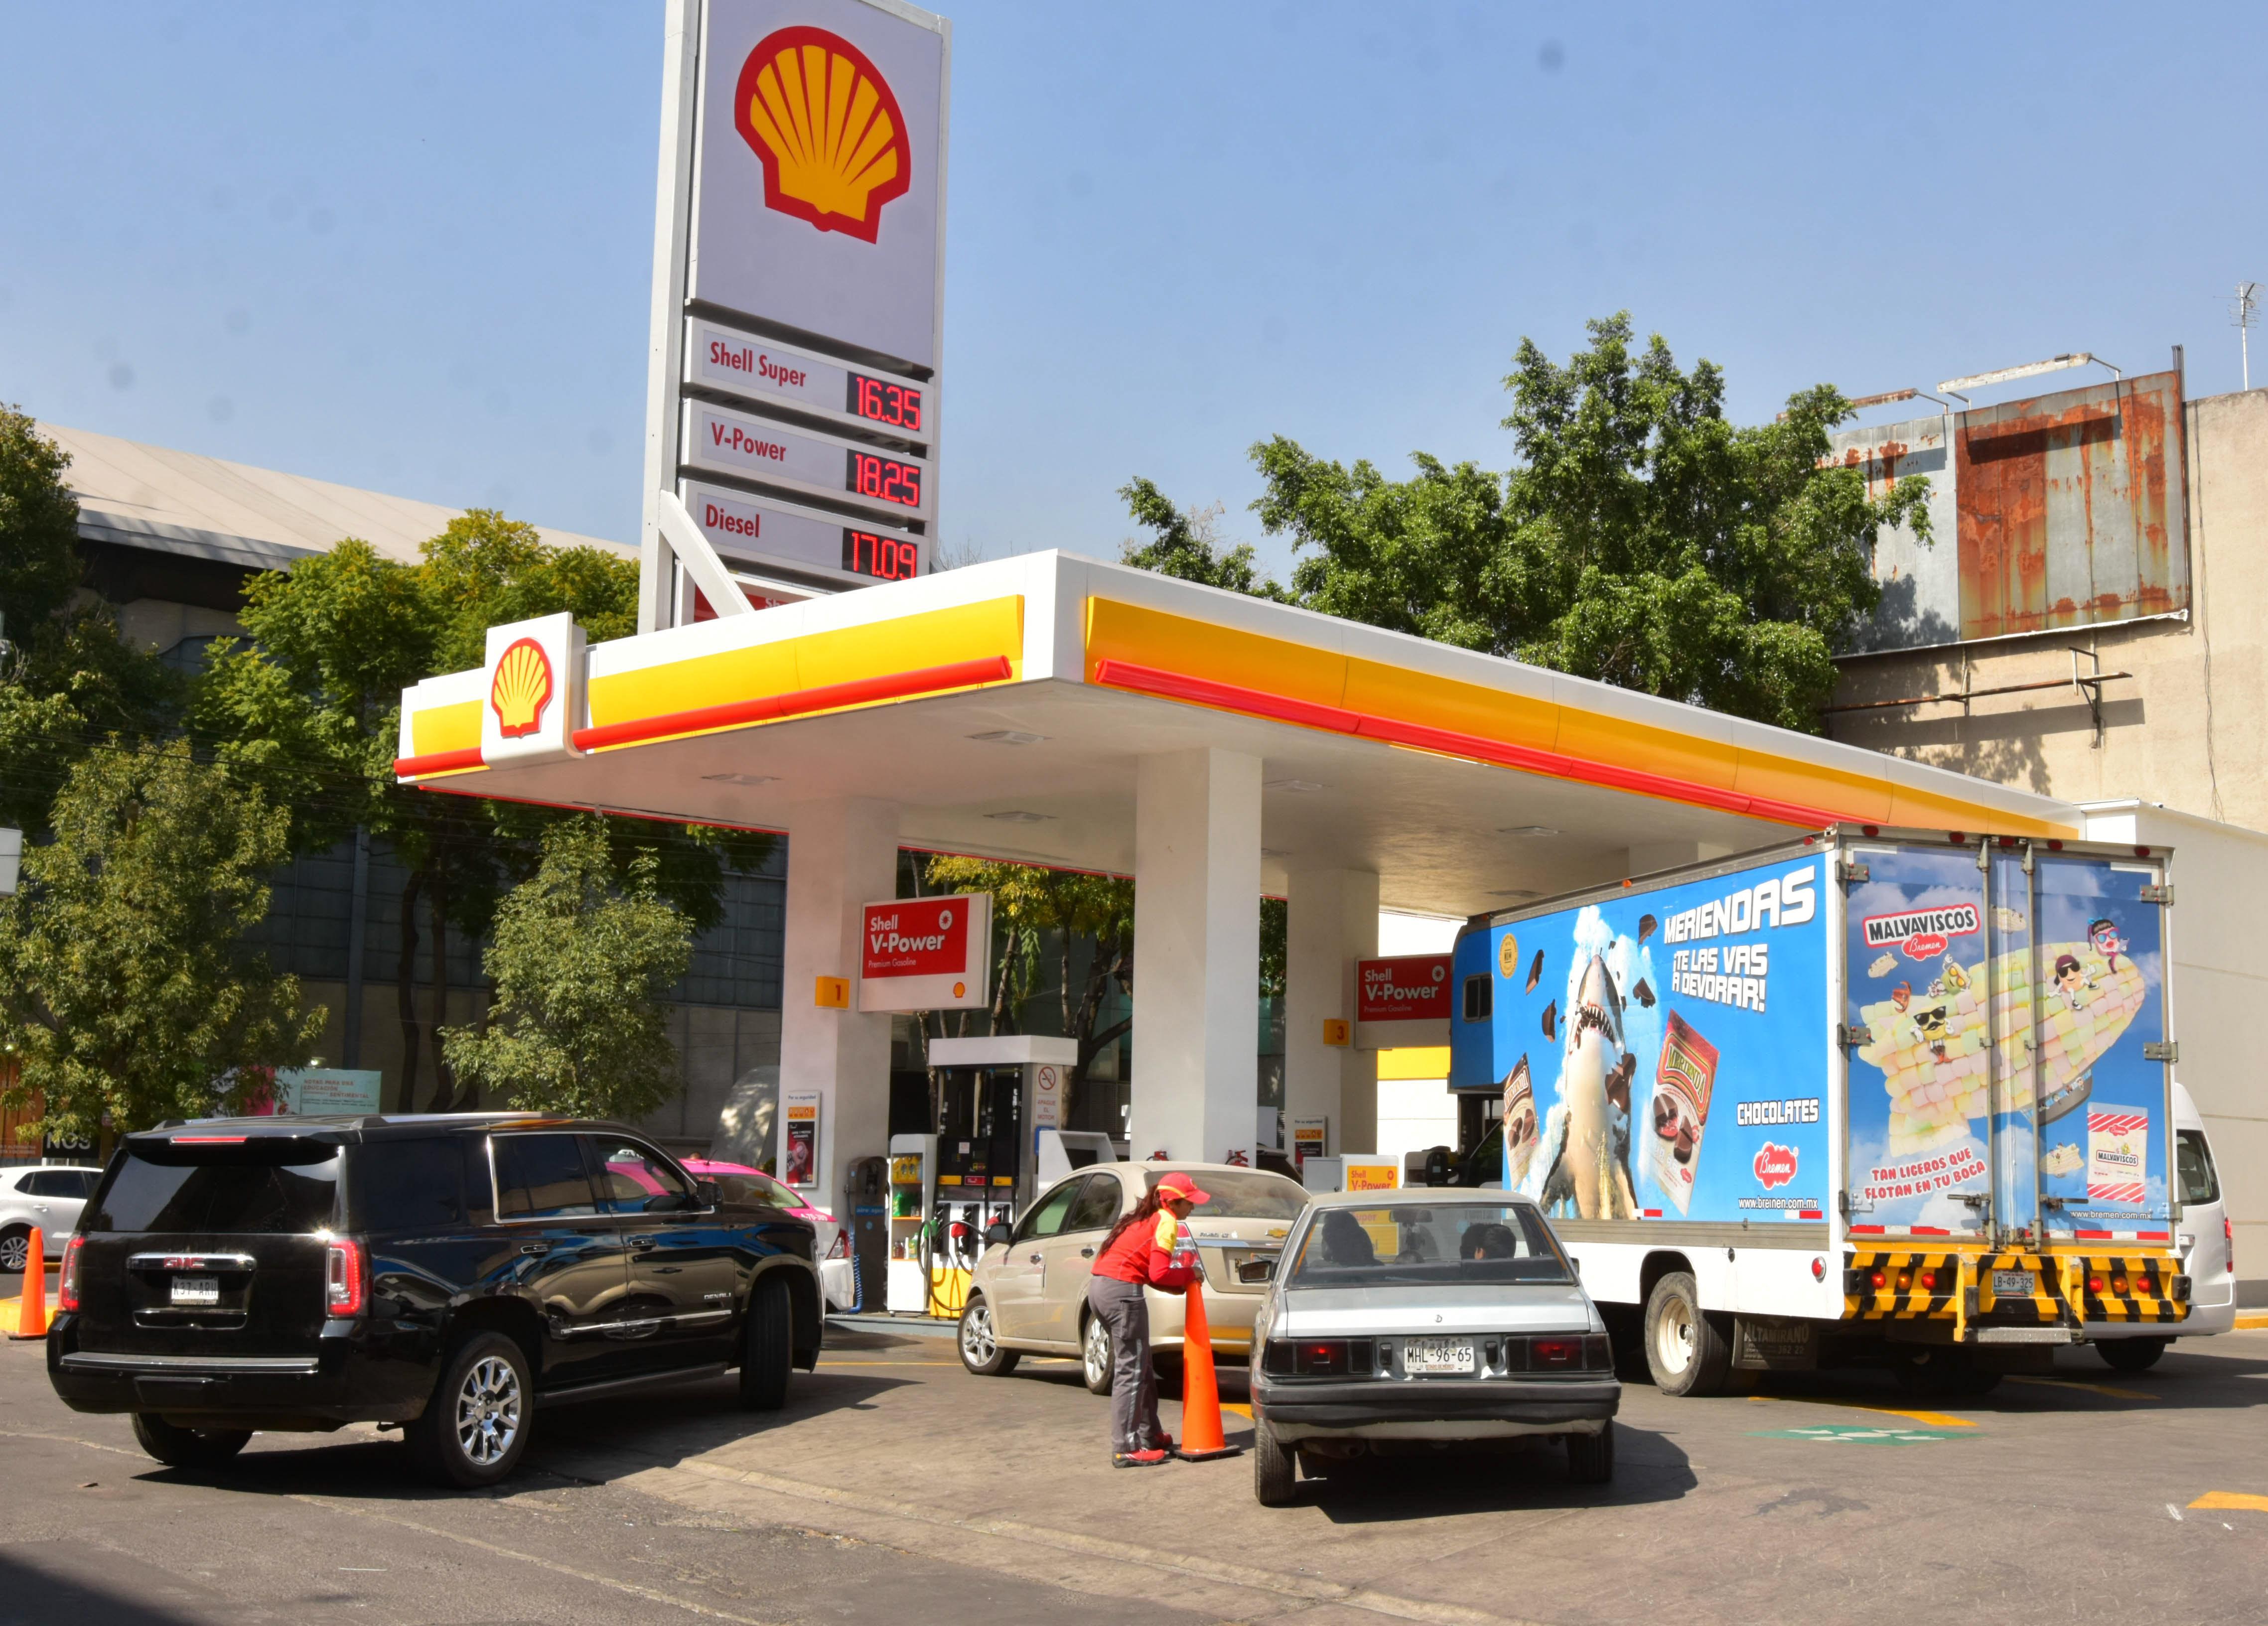 Shell vende el diésel más caro con 21.68 pesos (FOTO: ARMANDO MONROY /CUARTOSCURO)